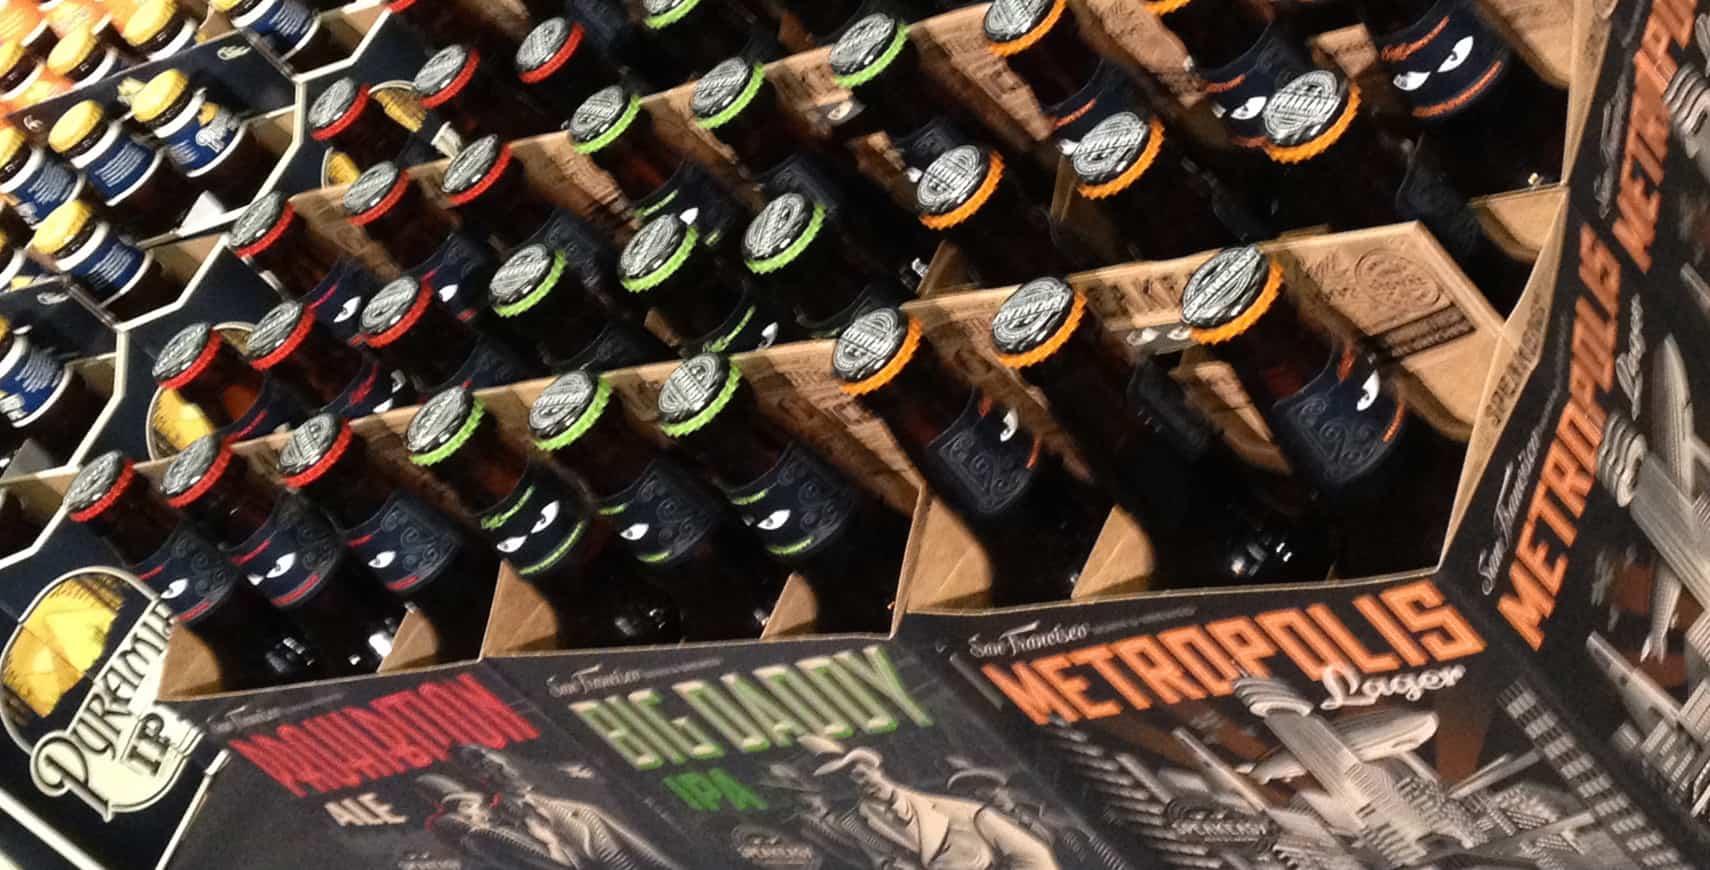 Beer Bottles at Lee's Beer & Tequila Experience